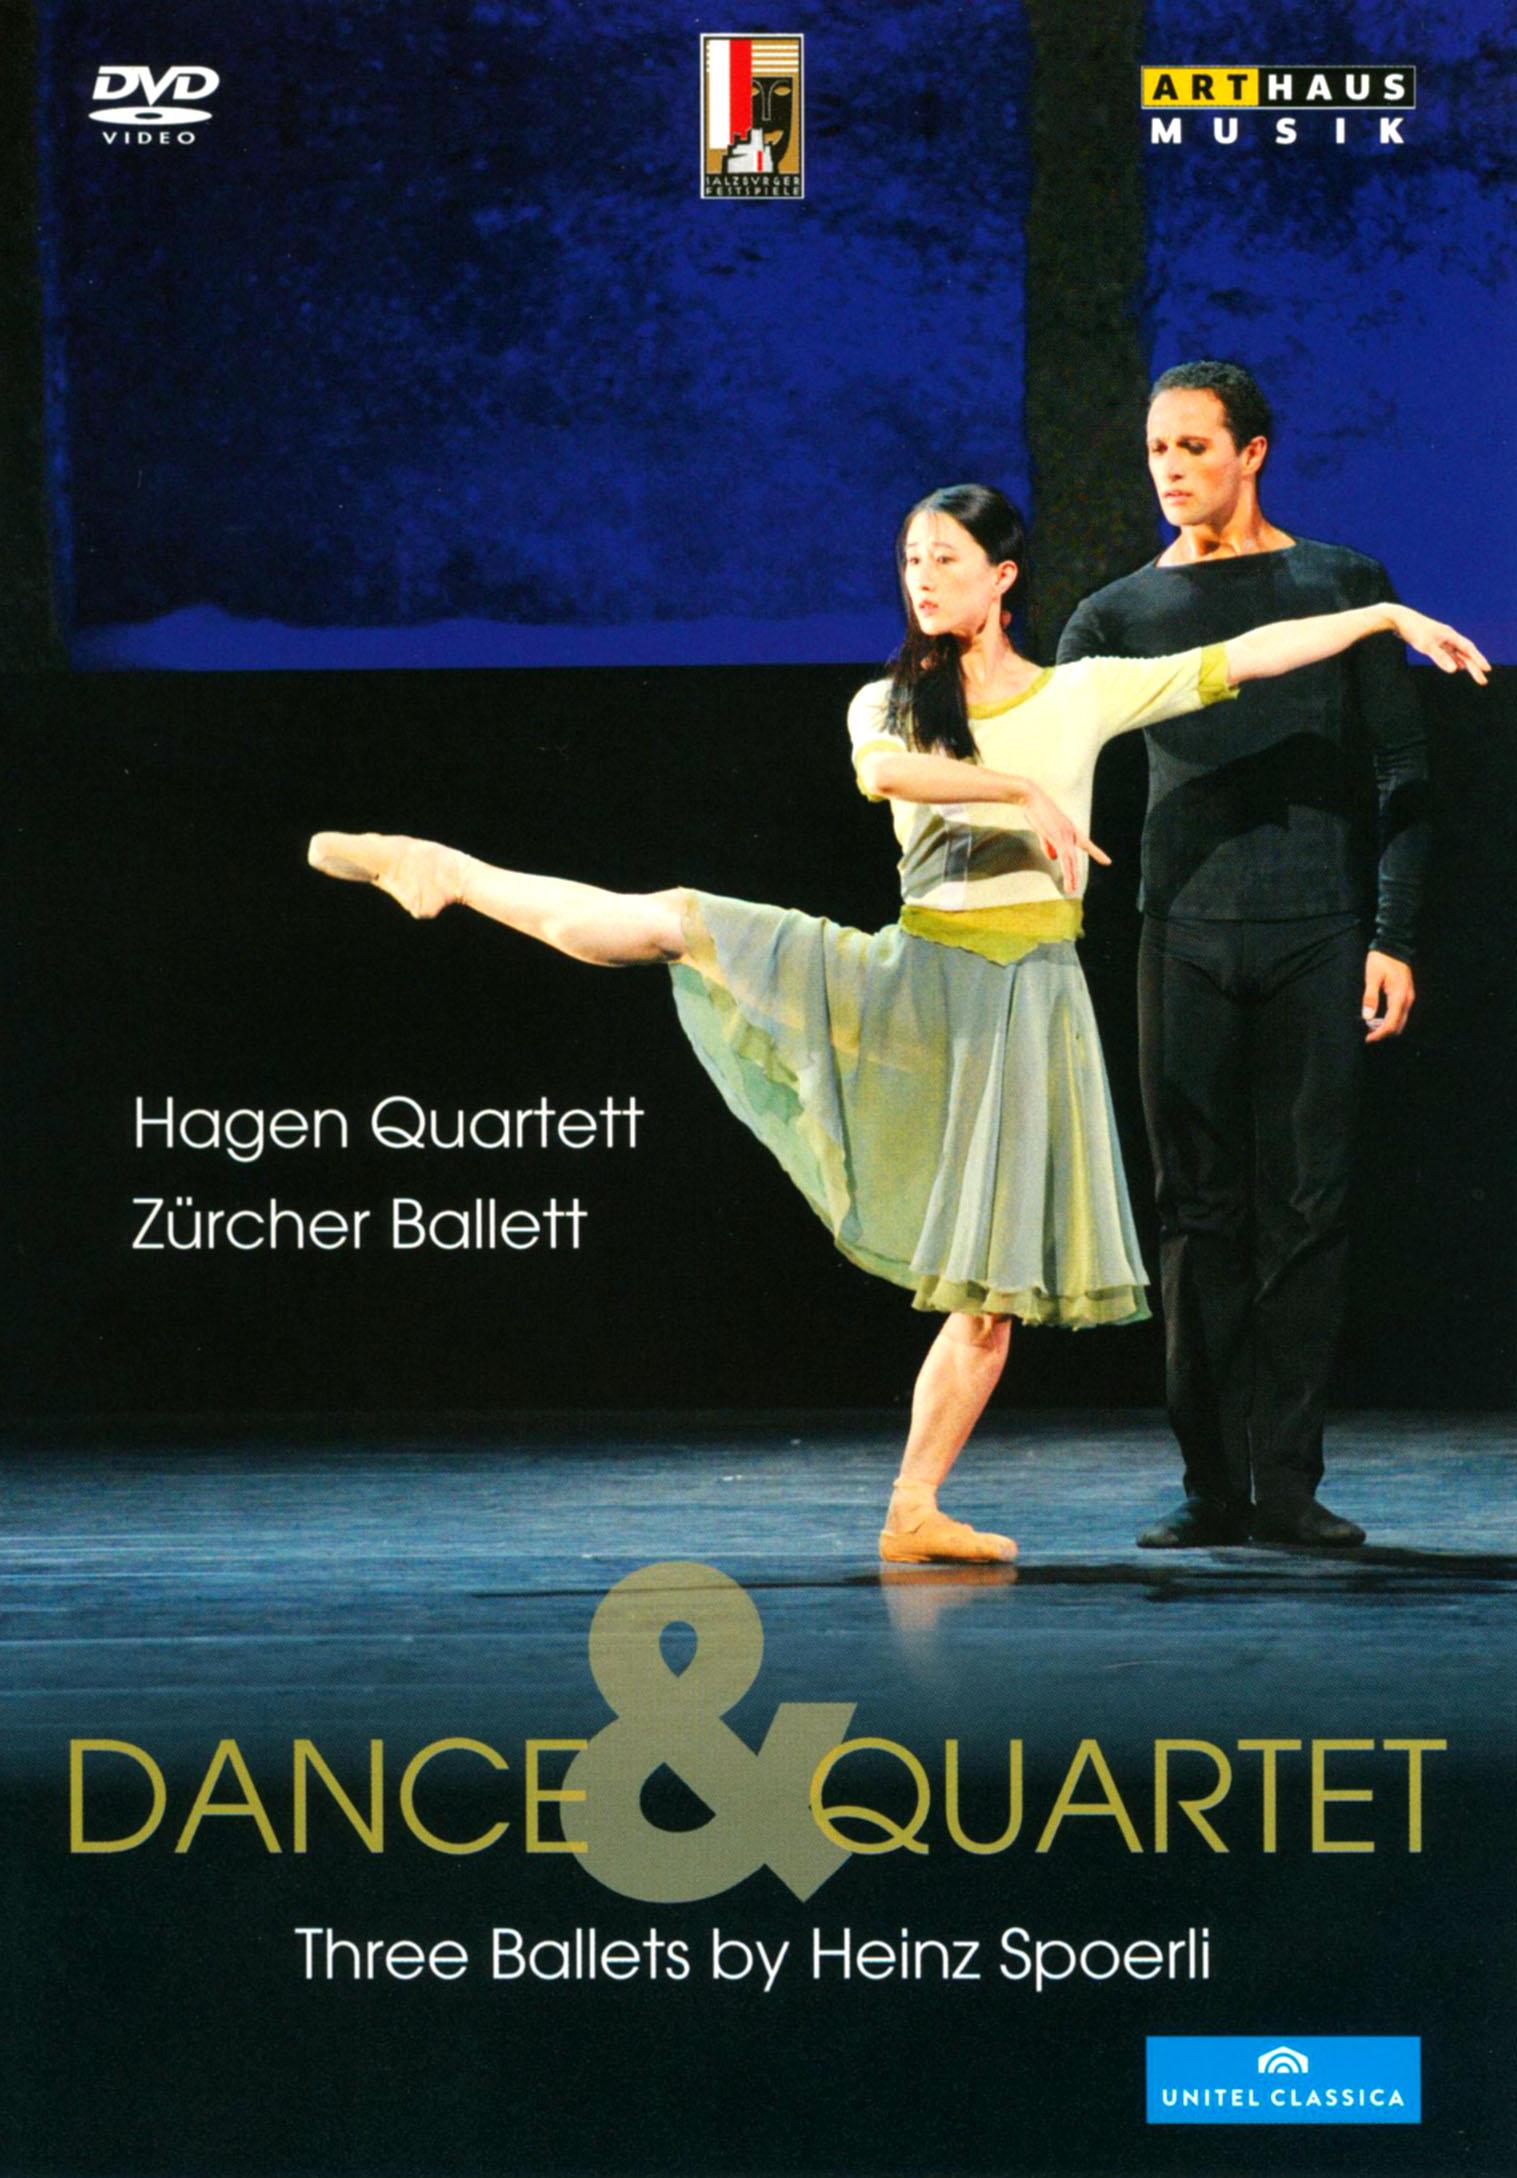 Dance & Quartet: Three Ballets by Heinz Spoerli